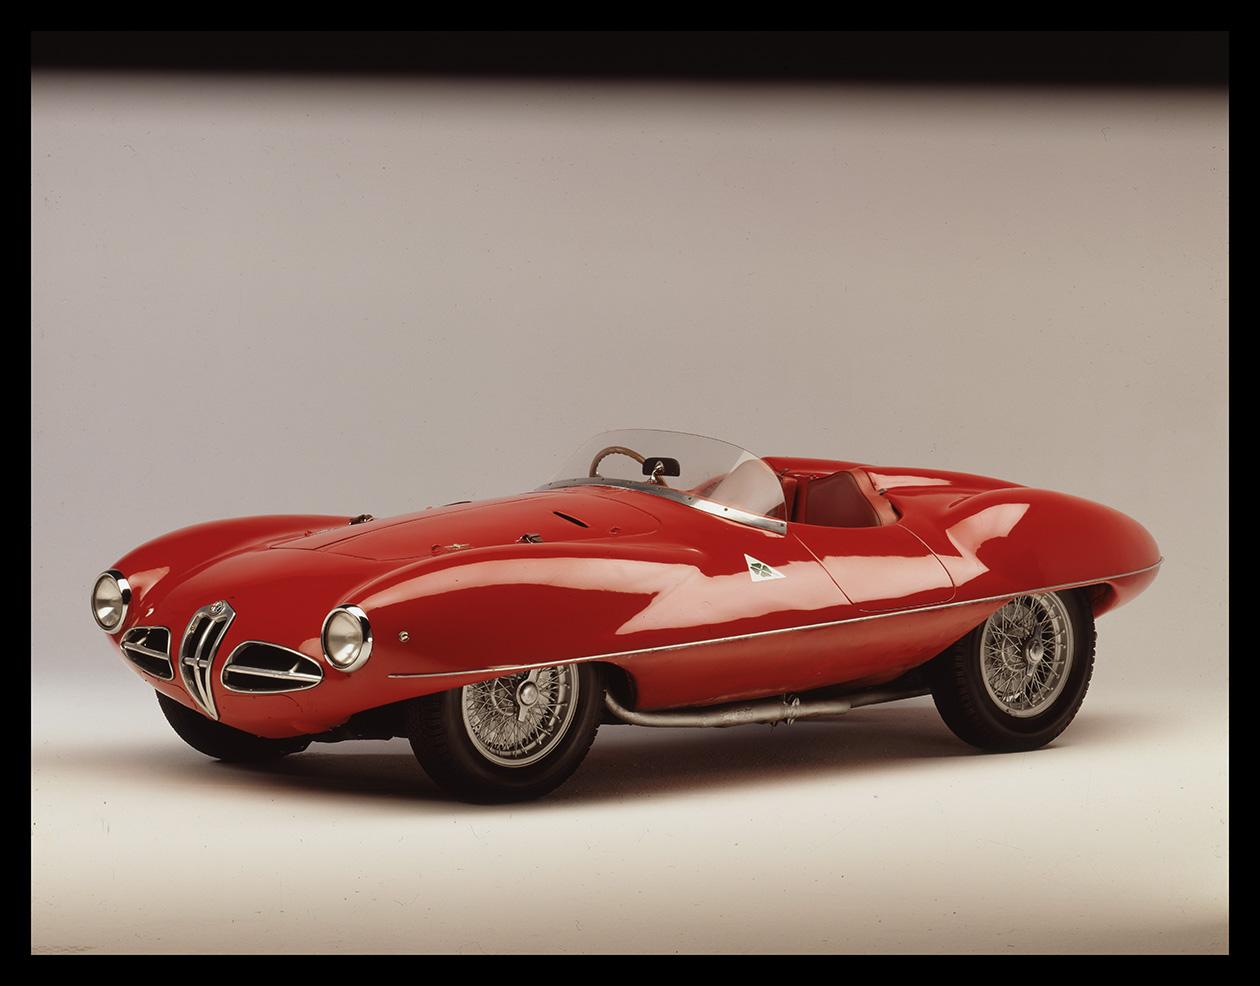 Alfa Romeo Disco Volante >> 1900 C52 Disco Volante